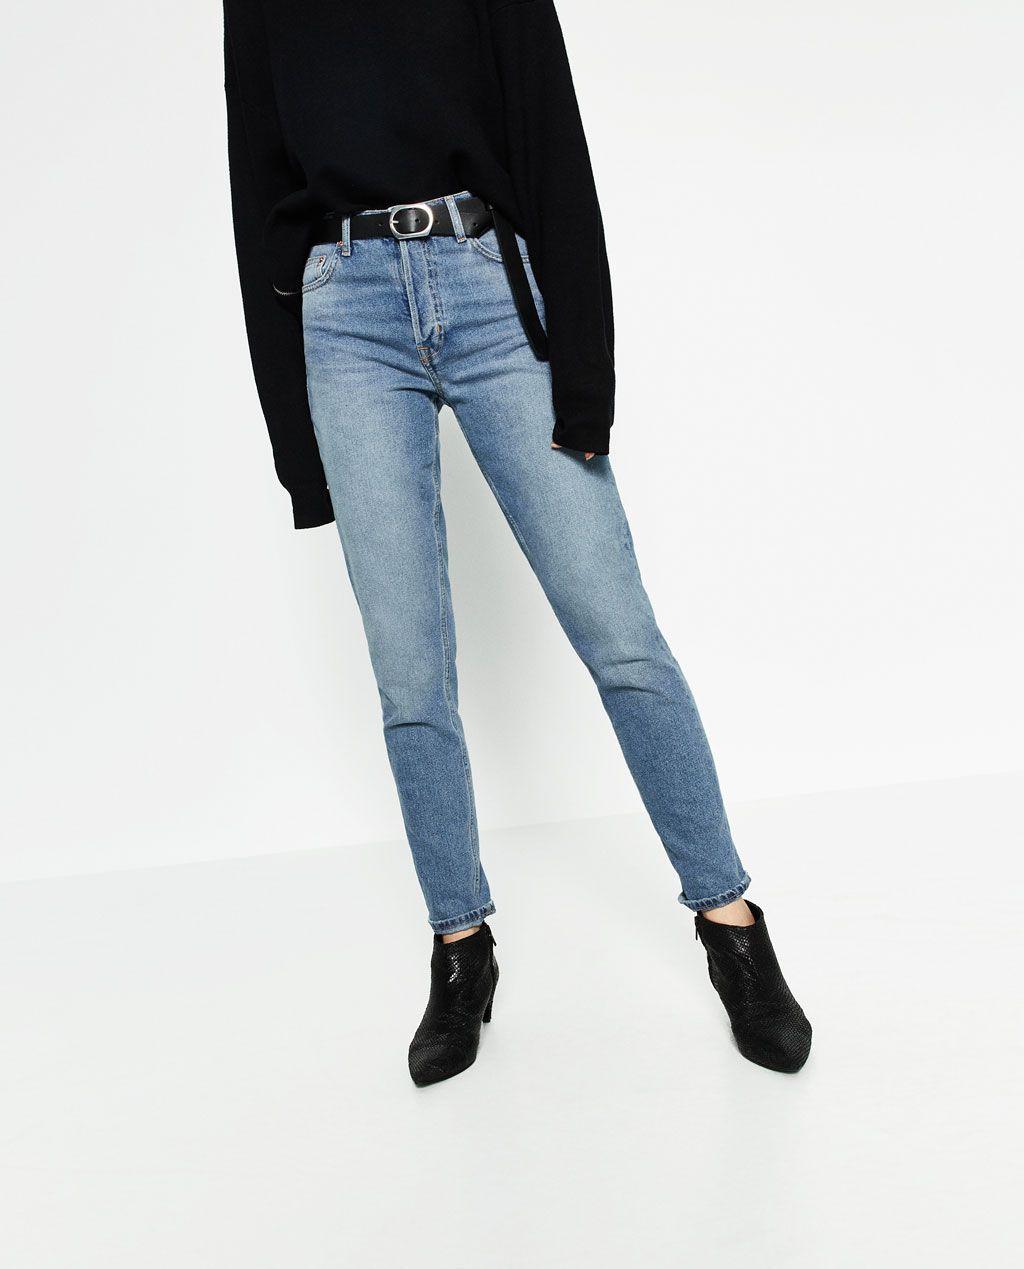 image 2 de jean taille haute droit de zara bottoms pinterest jeans jean taille haute et. Black Bedroom Furniture Sets. Home Design Ideas